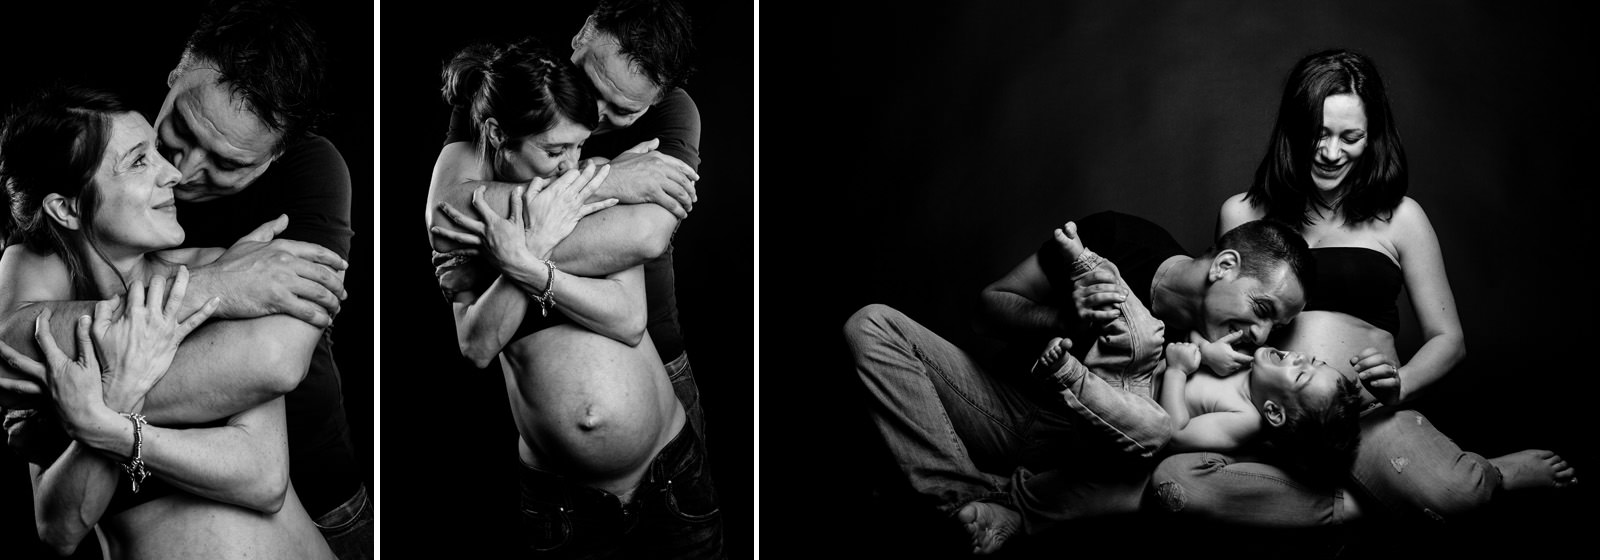 des photos de grossesse faite par un photographe spécialisé en maternité,grossesse et bébé à Paris